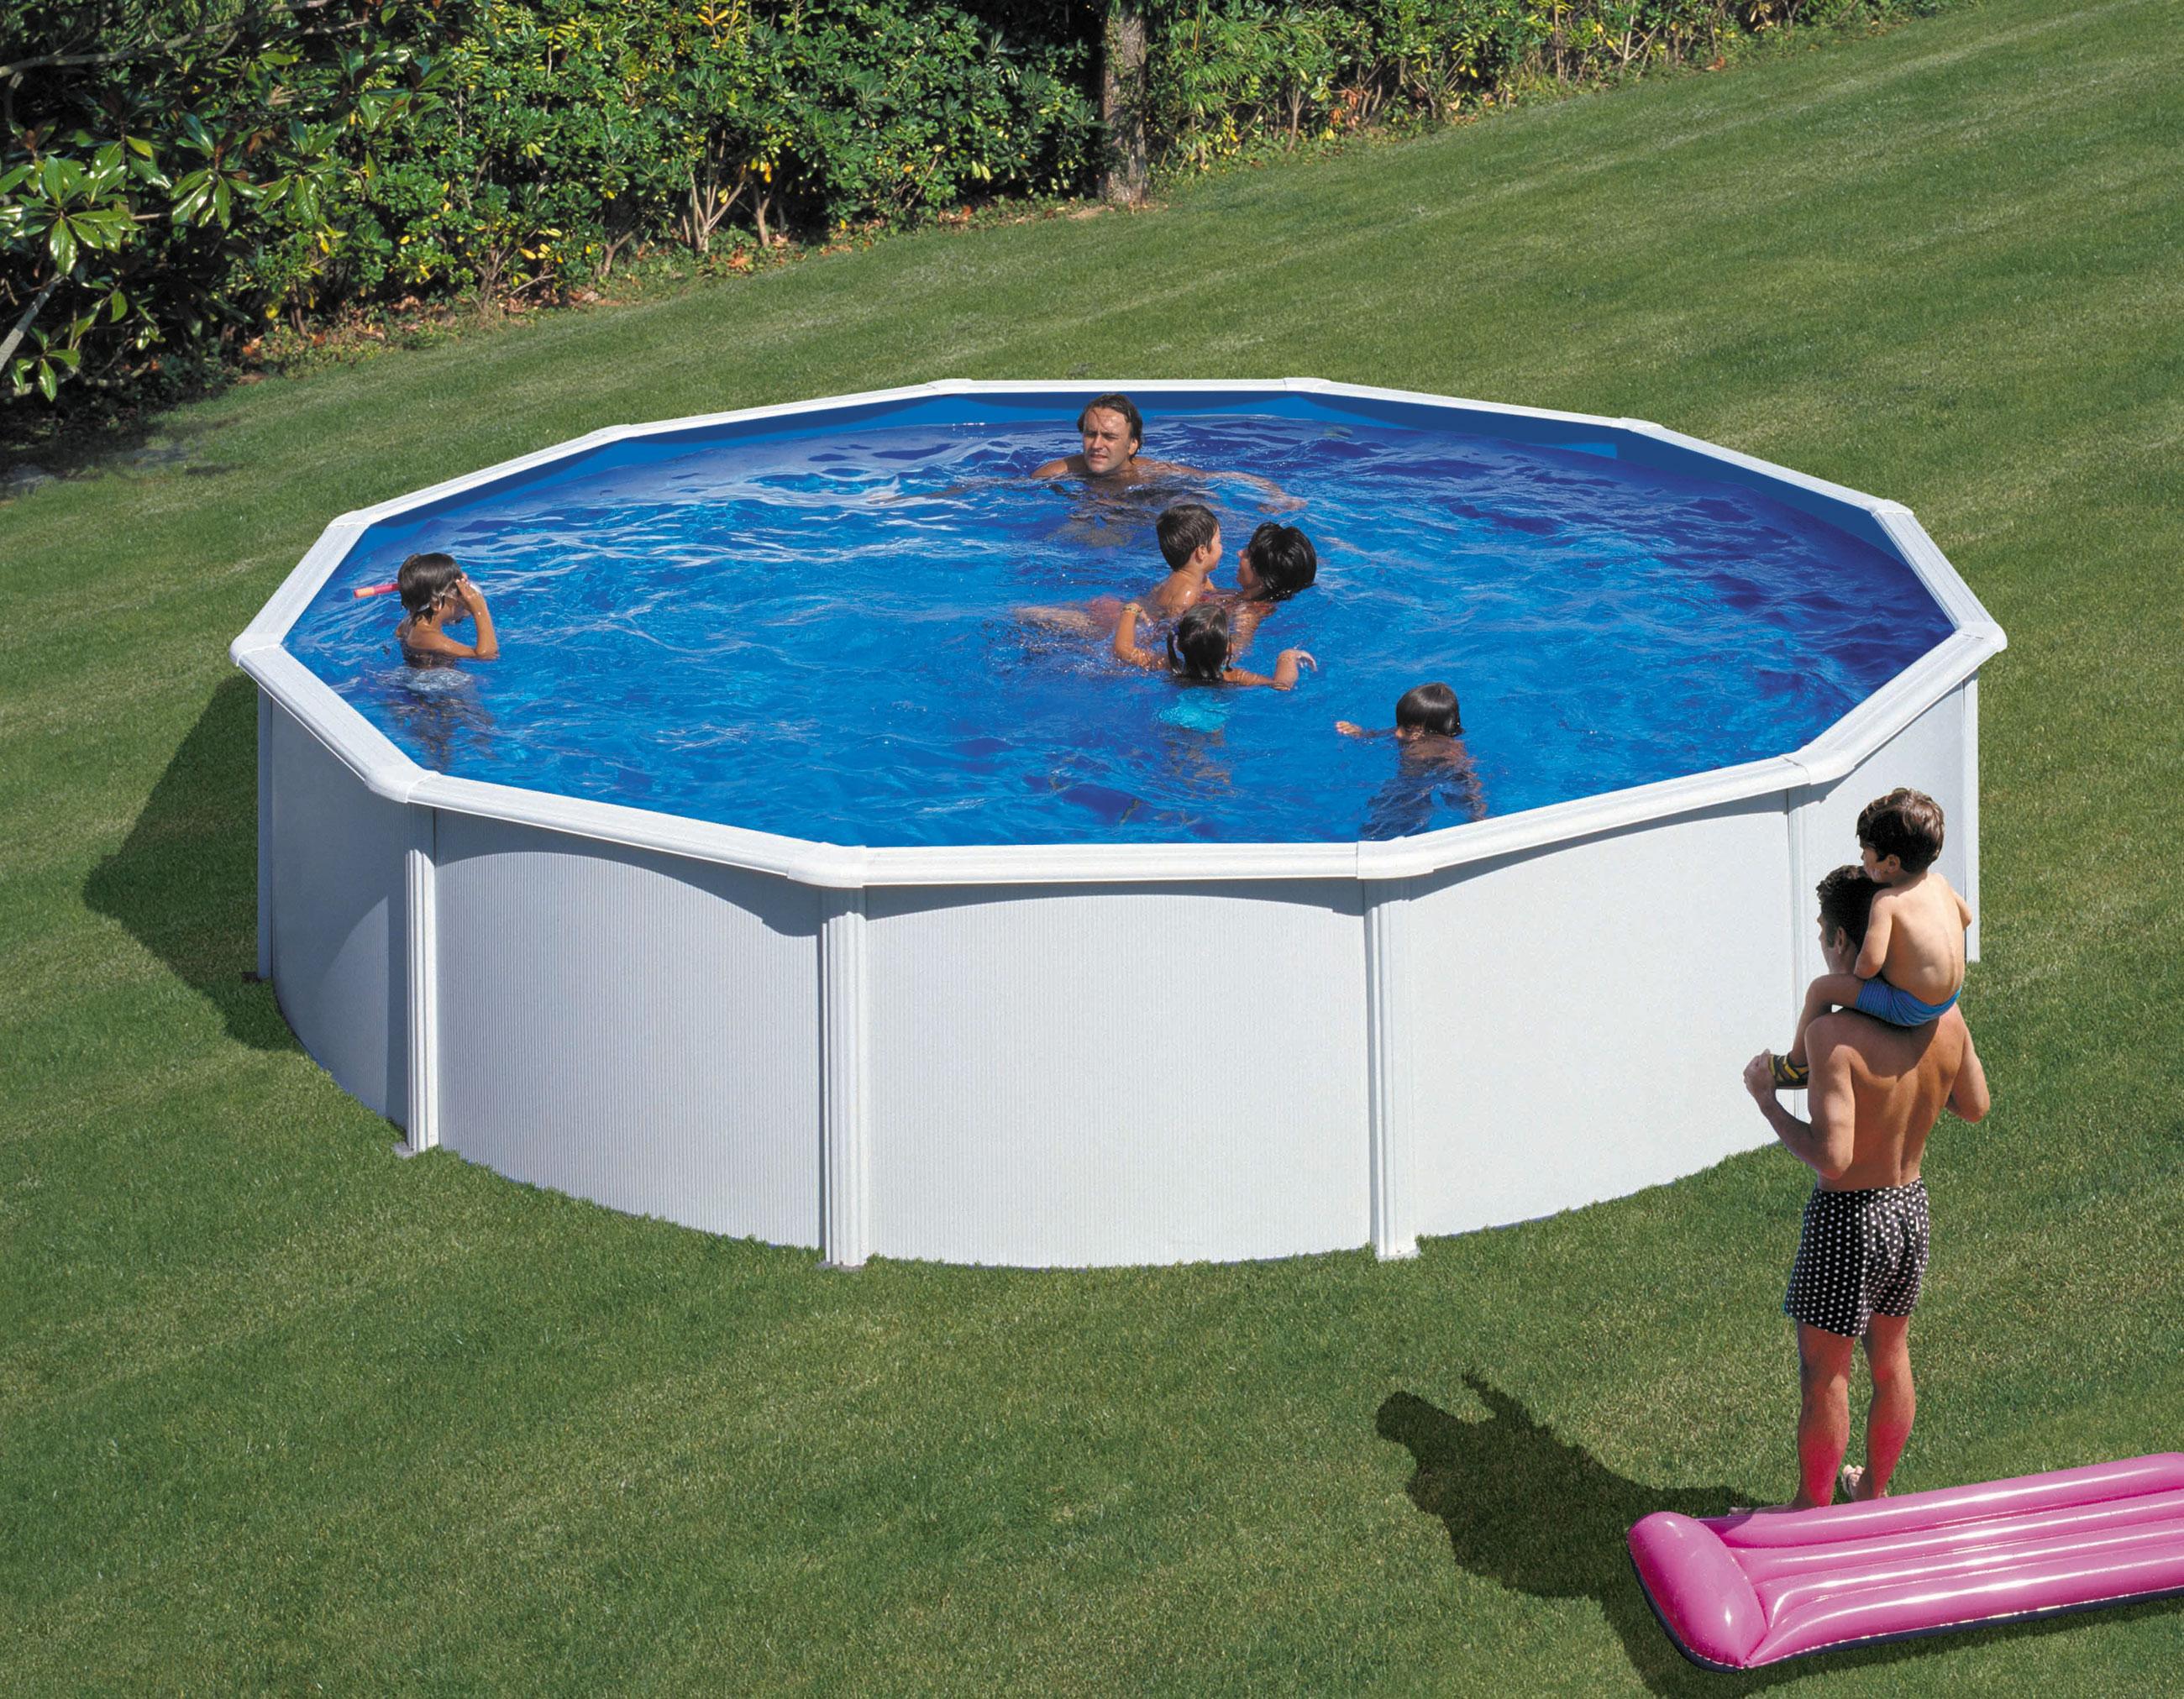 Pool schwimmbecken feeling wei rund mit sandfilter 3 5x1 20m bei - Pool mit sandfilter ...